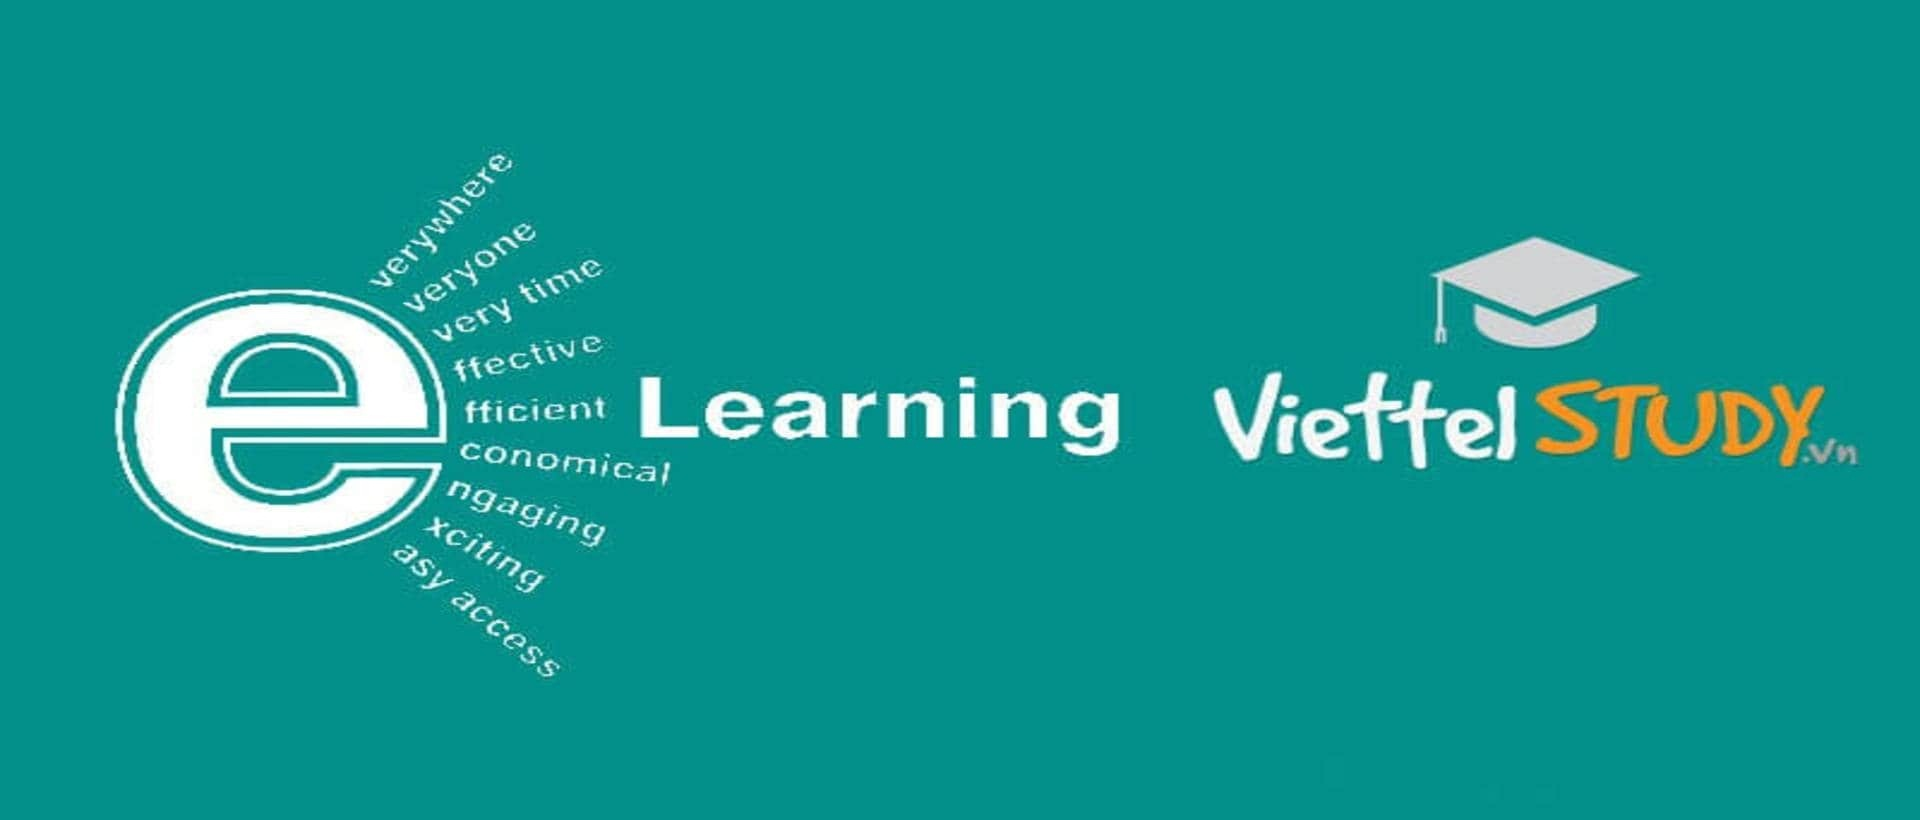 Viettel Study mang nhiều lợi ích cho việc học tập